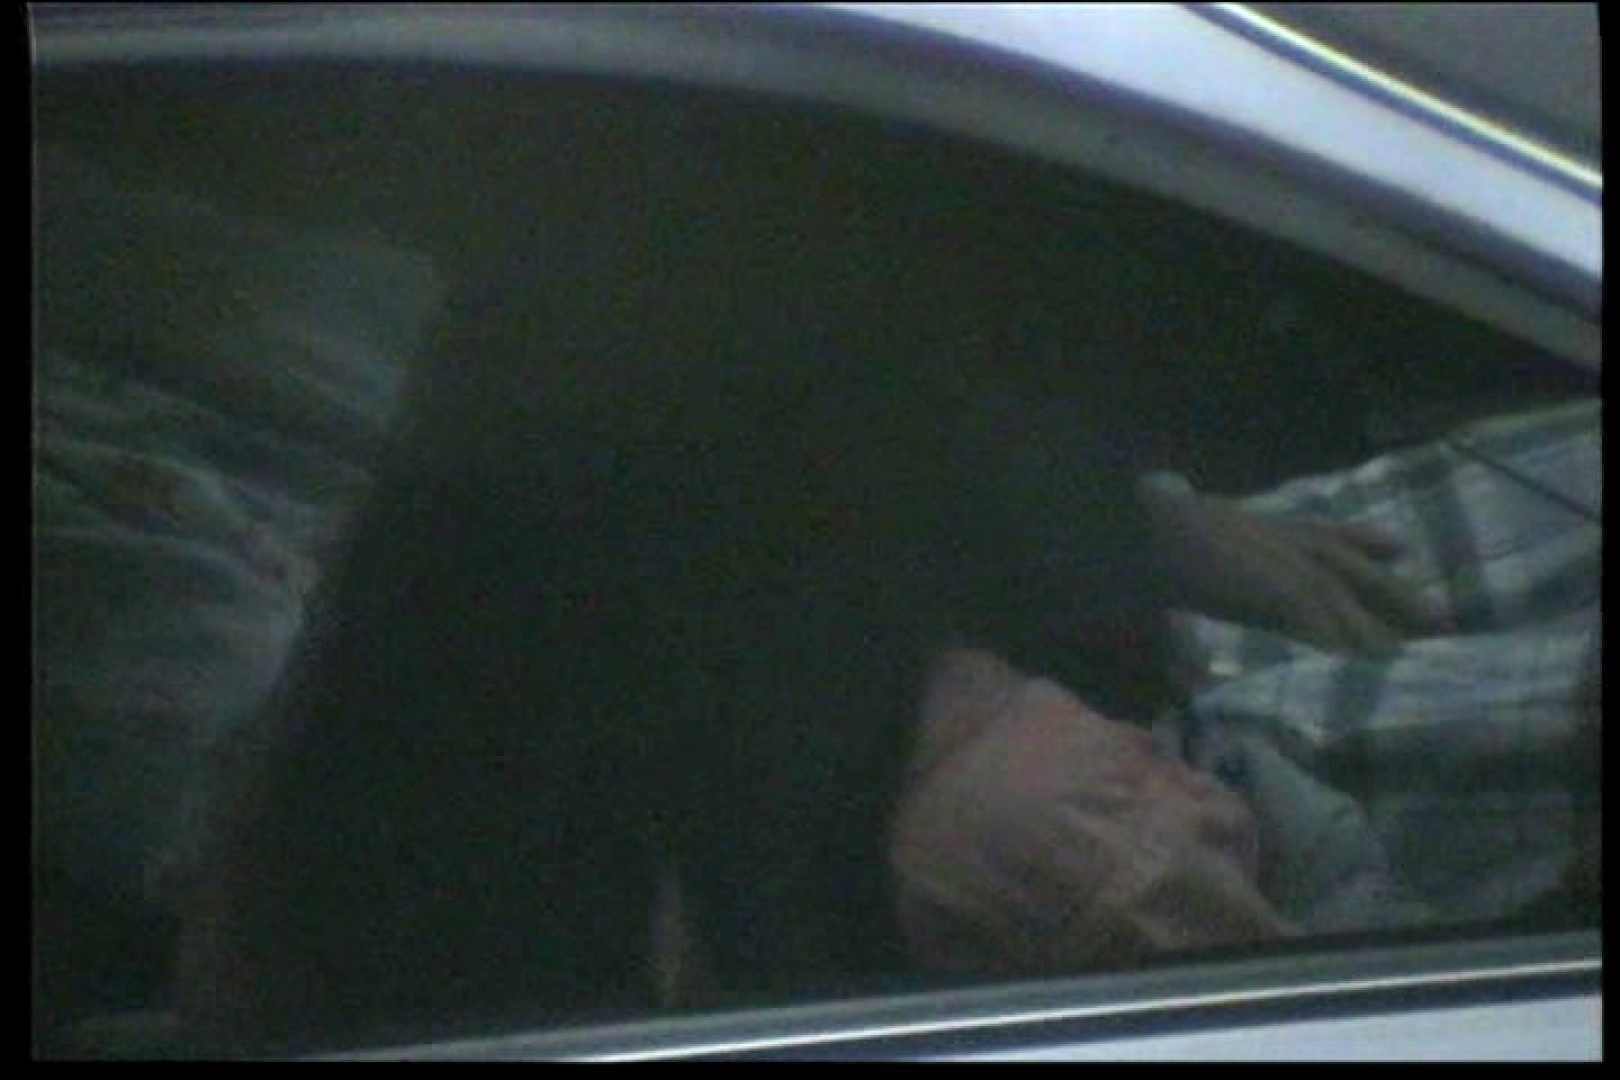 車の中はラブホテル 無修正版  Vol.12 望遠 隠し撮りオマンコ動画紹介 109連発 6